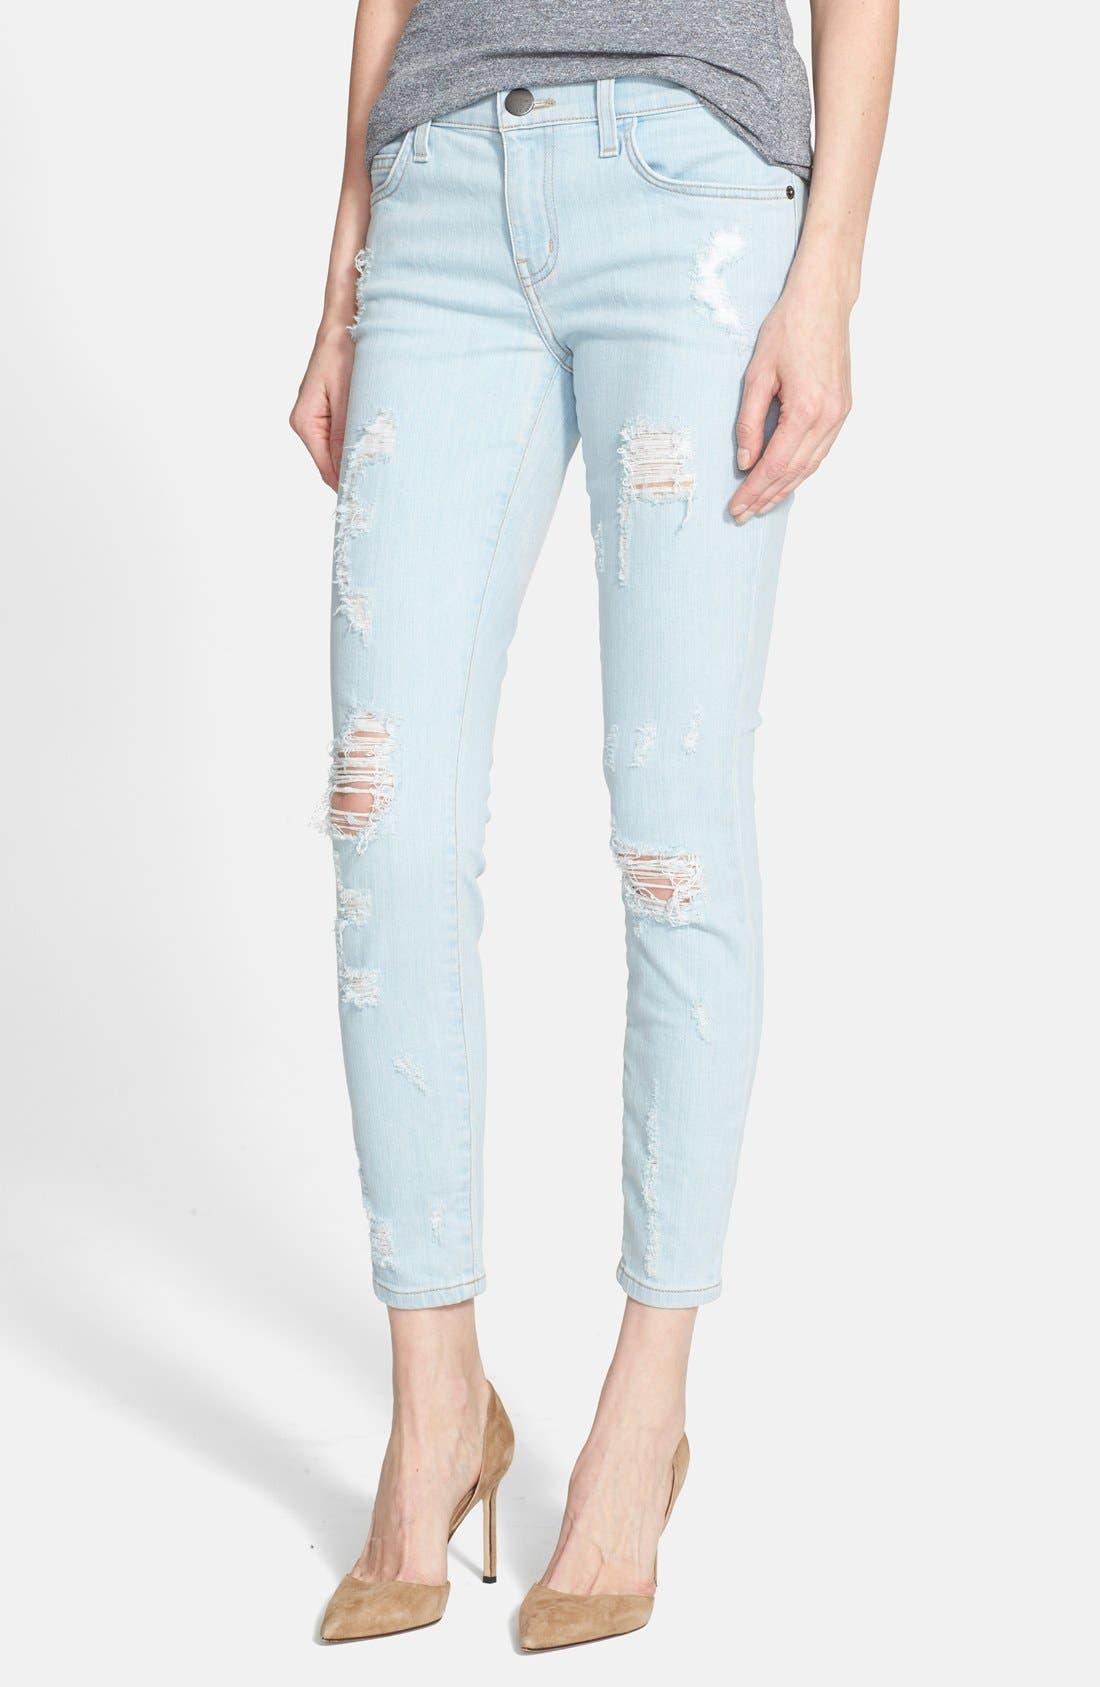 Main Image - Current/Elliott 'The Stiletto' Destroyed Skinny Jeans (Chalky Indigo Shredded)